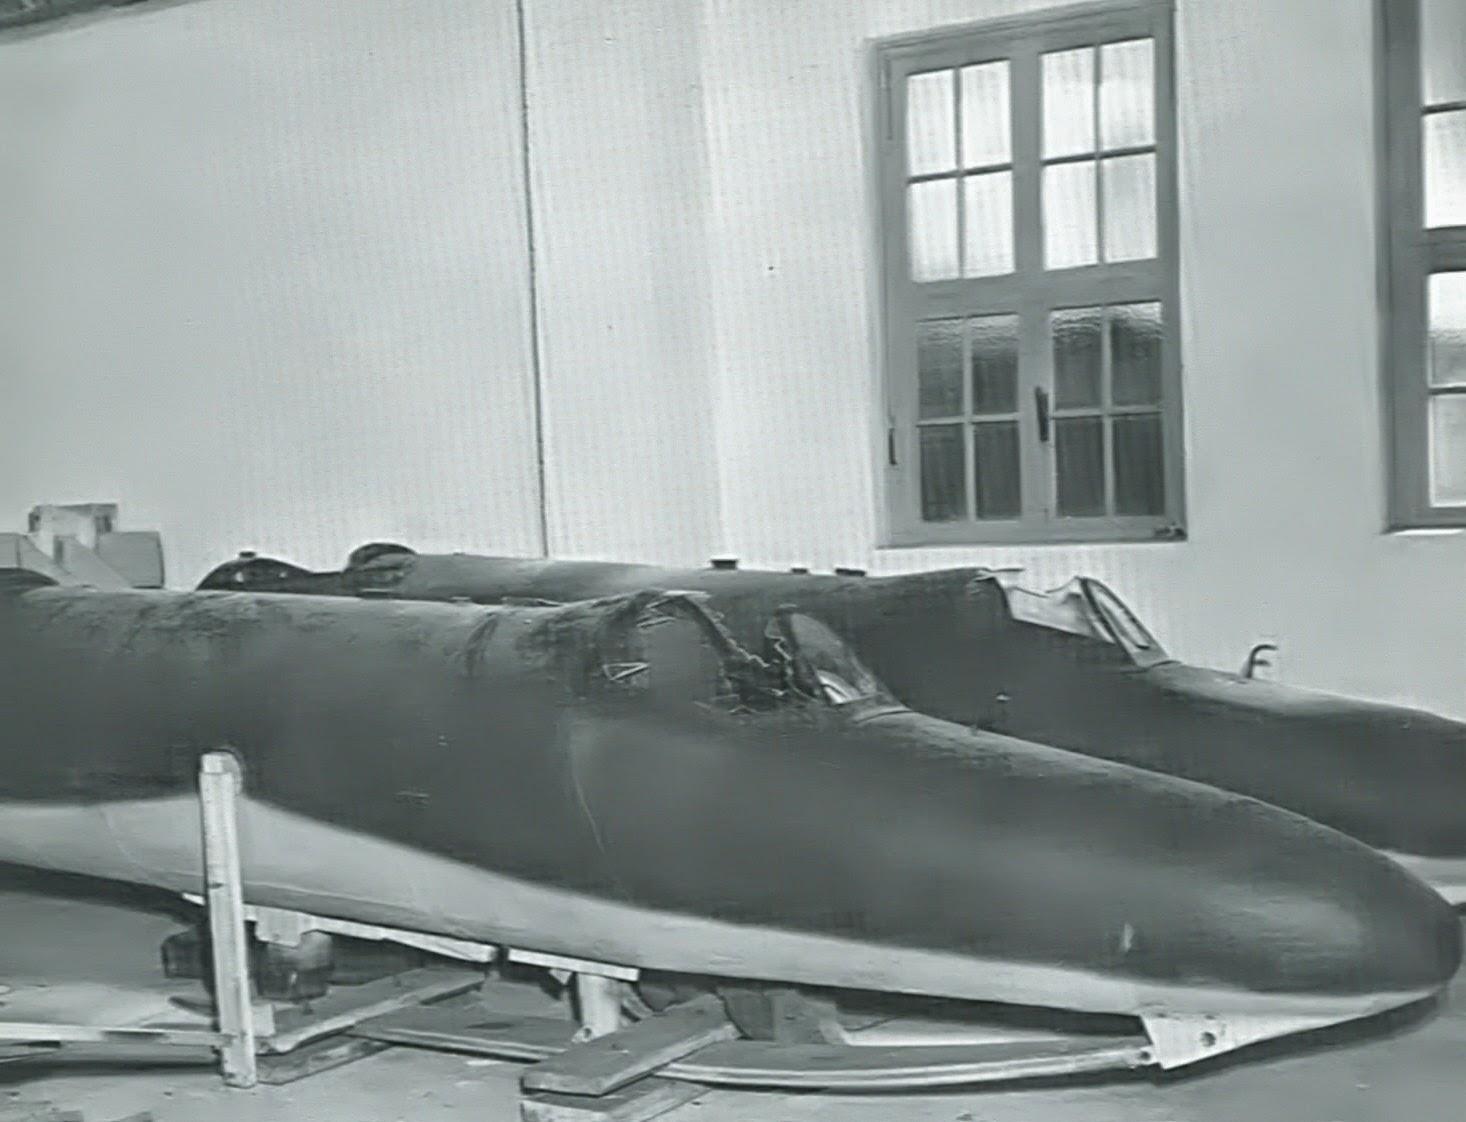 Luftwaffe 46 et autres projets de l'axe à toutes les échelles(Bf 109 G10 erla luft46). - Page 20 Reichenberg+Re+III